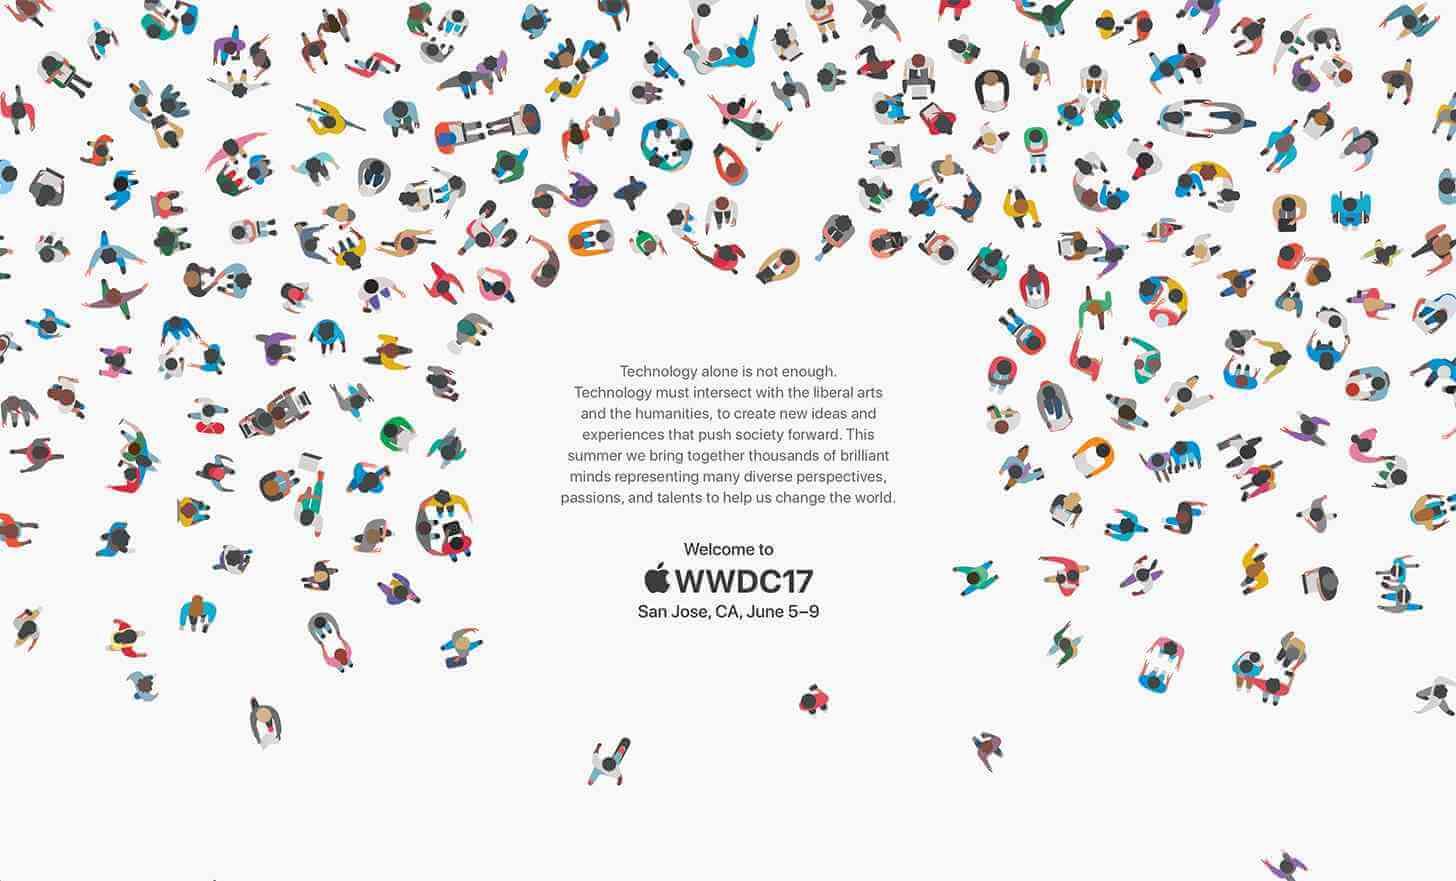 applewwdc2017 - Apple anuncia datas da WWDC 2017; confira!